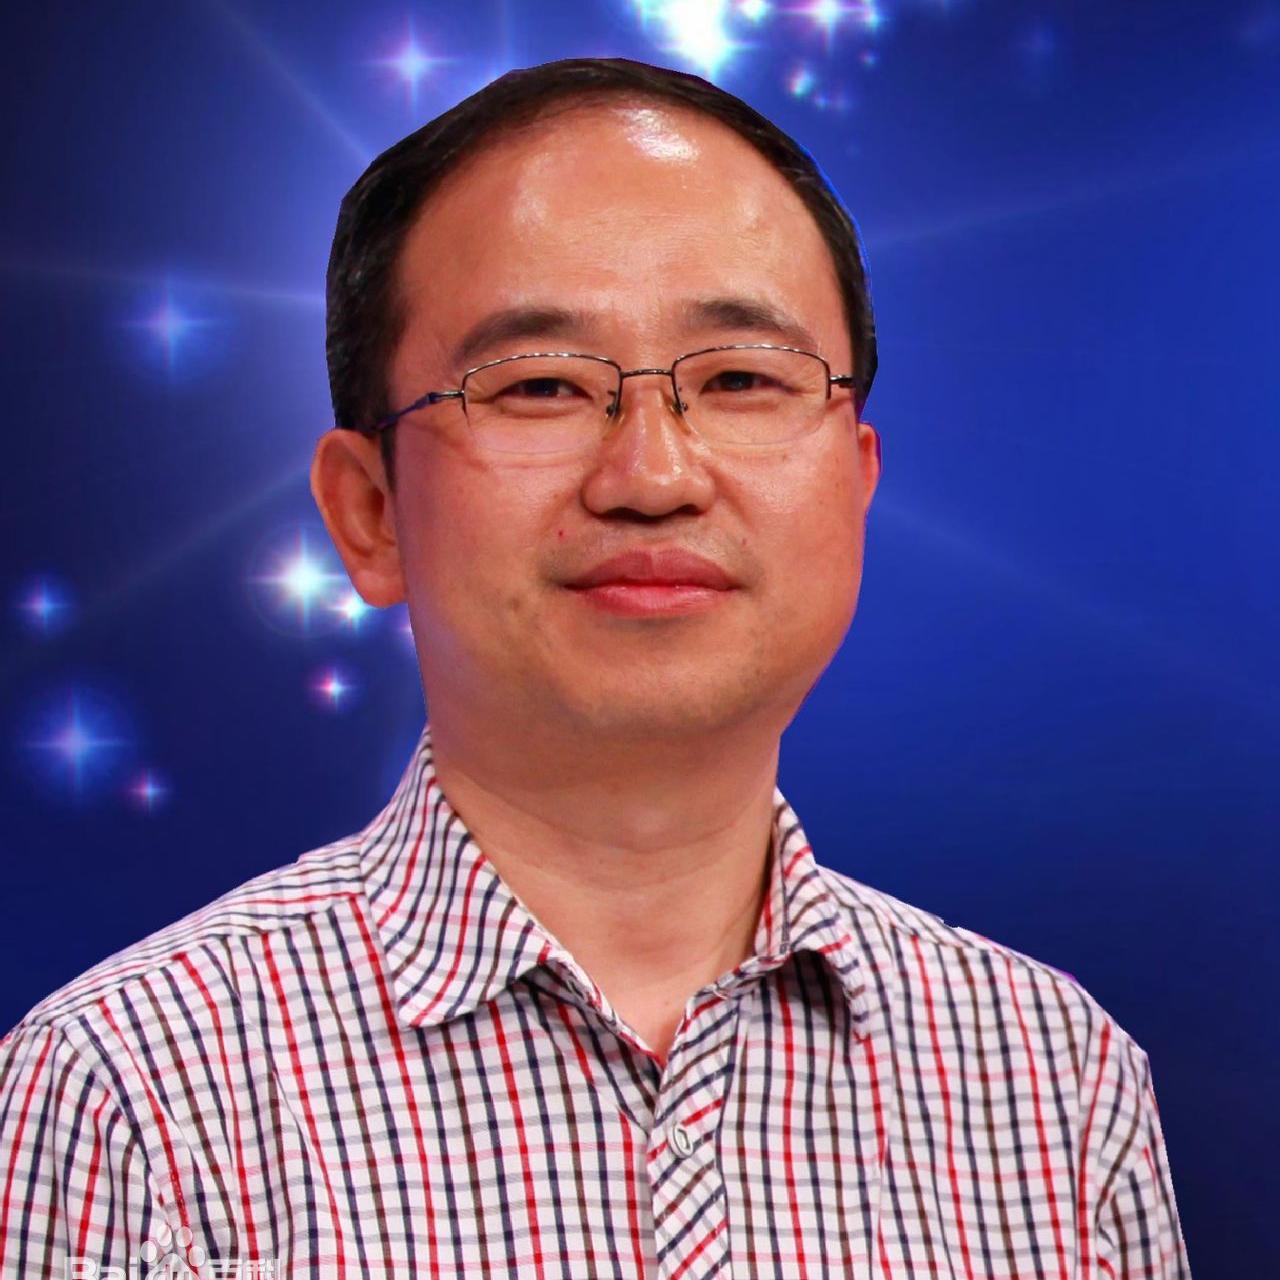 北京旅游学会副秘书长 刘思敏不文明行为是少数,解决这一问题在于加强社会教育,提升国民素质。